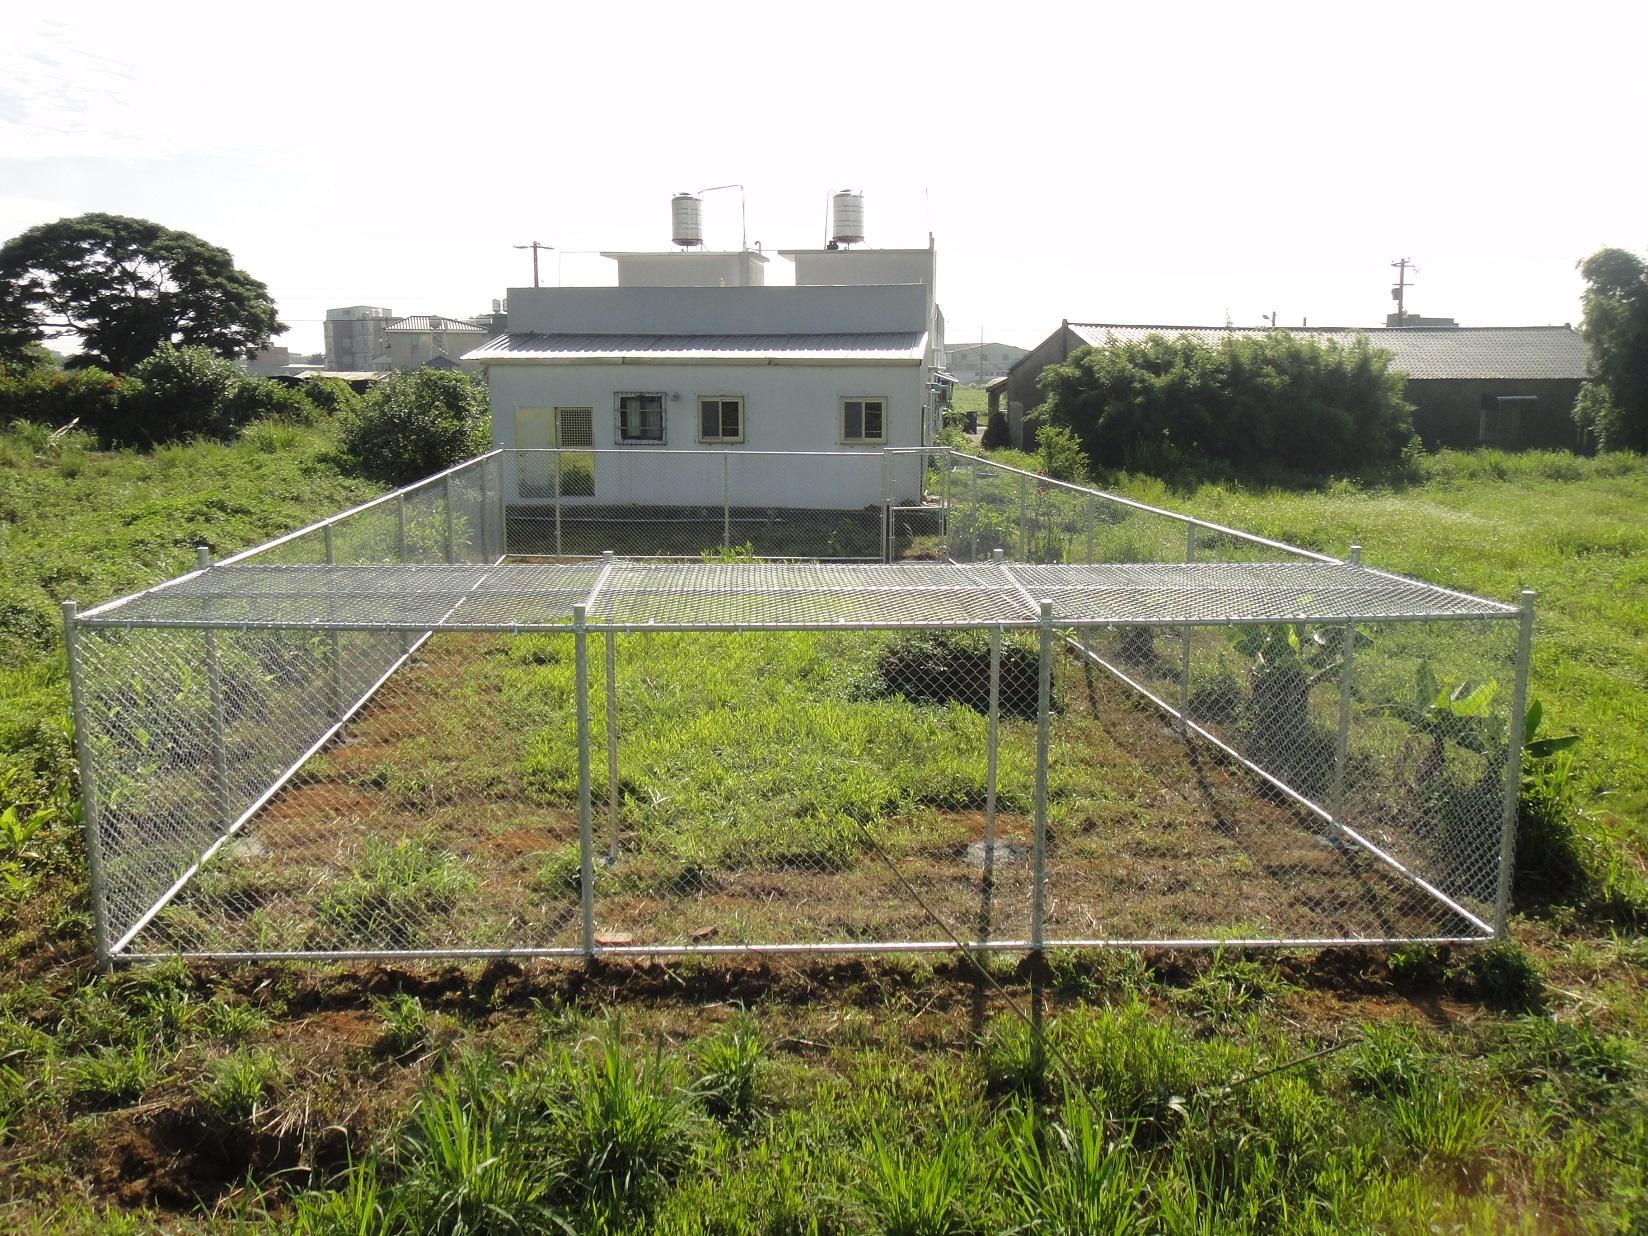 【圍籬·農地】農地圍籬網